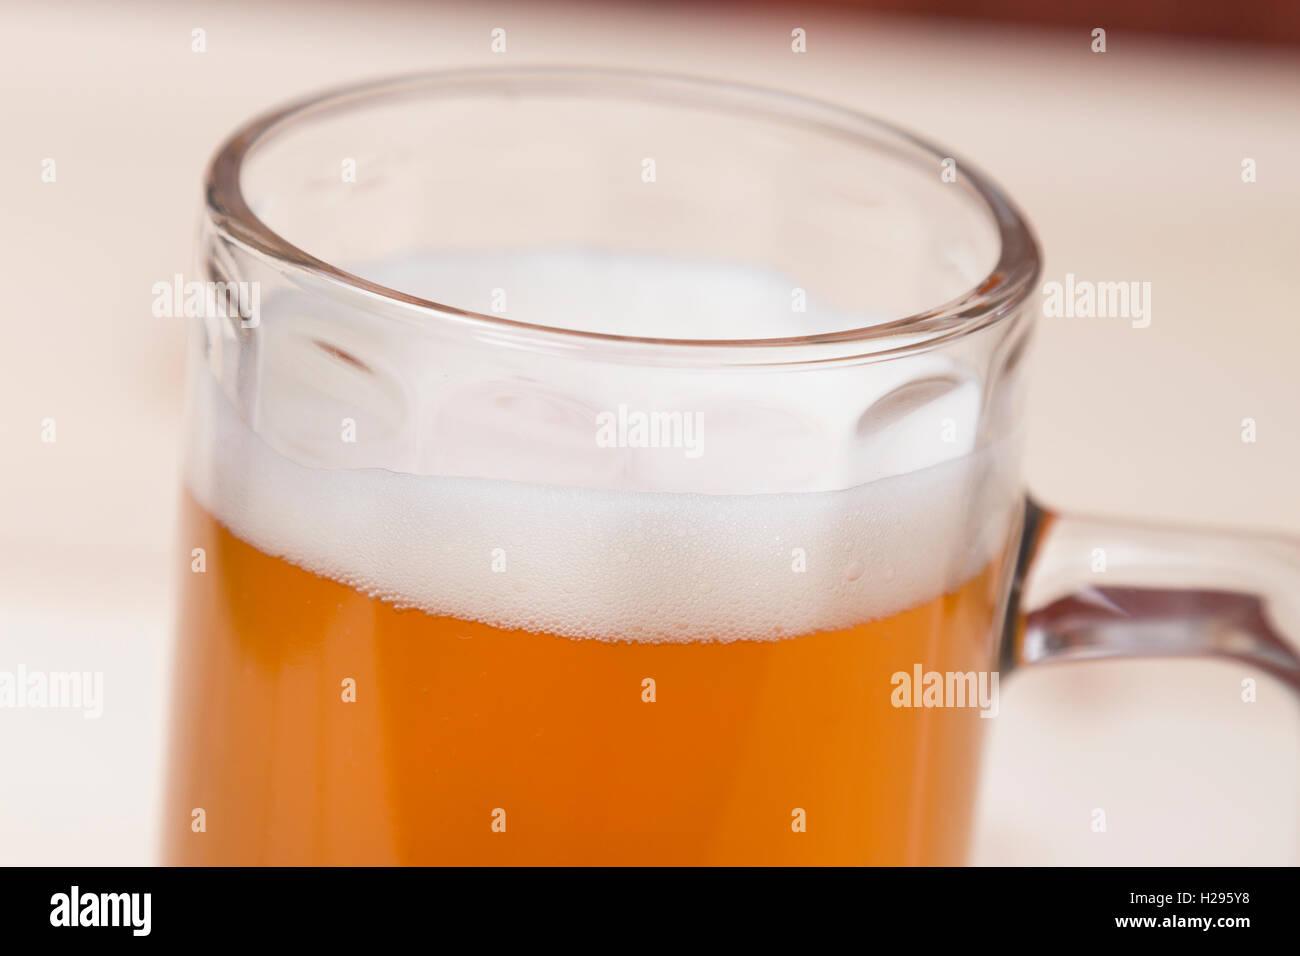 Mug of draft beer close up - Stock Image